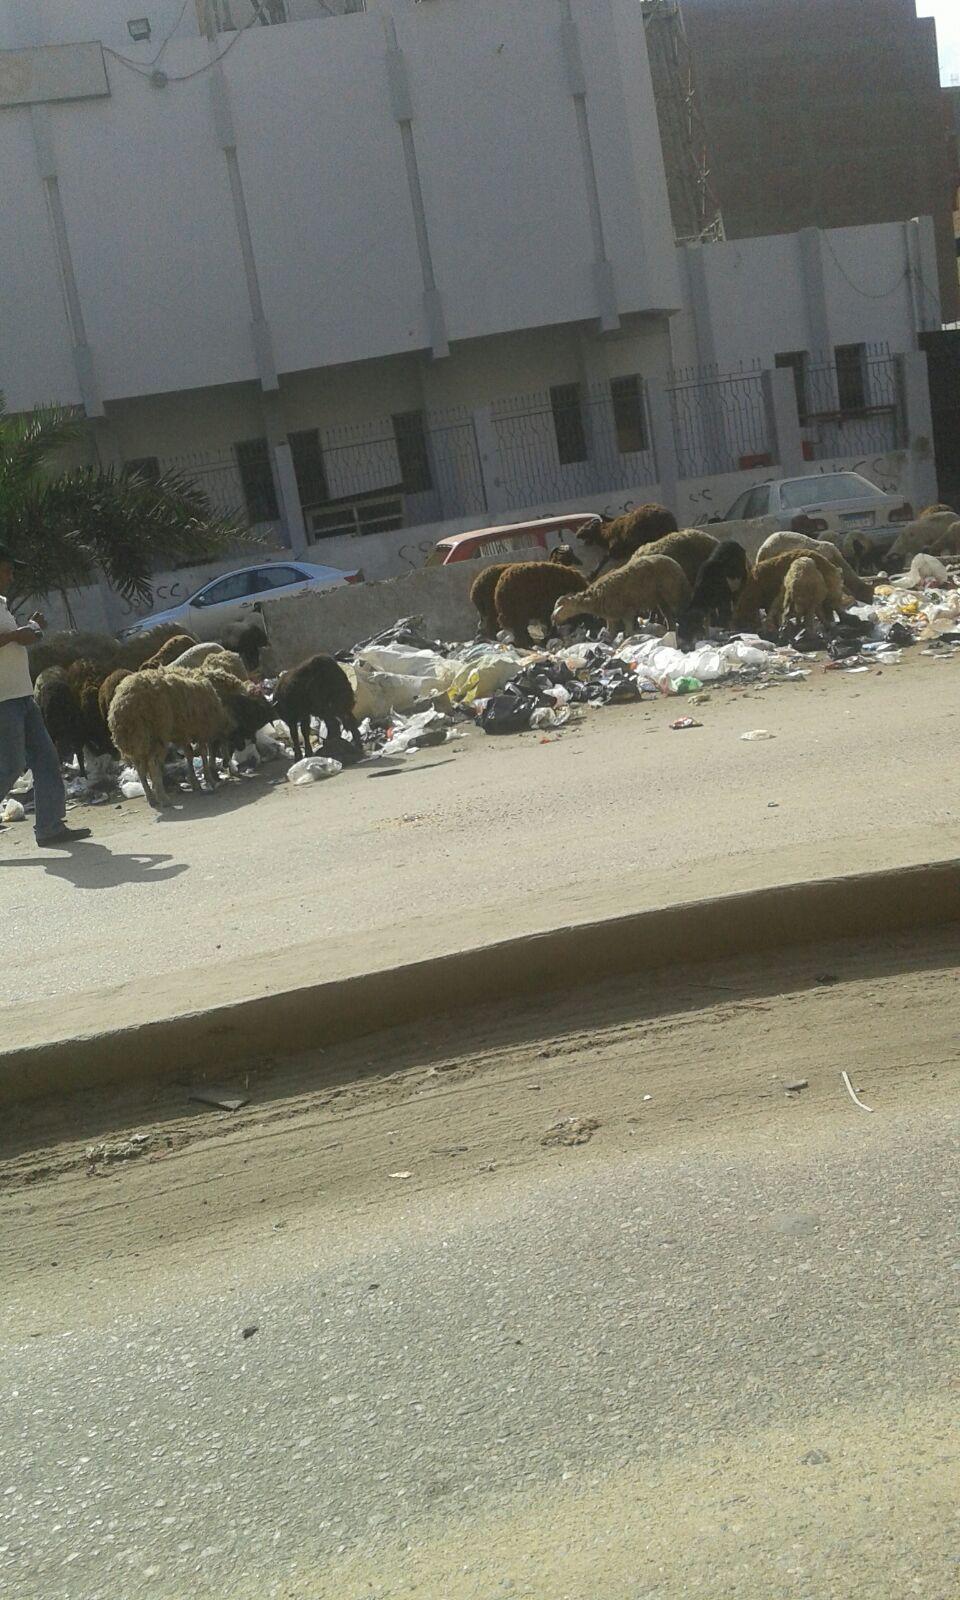 انتشار القمامة ورعي الأغنام أمام سنترال بولاق الدكرور الرئيسي